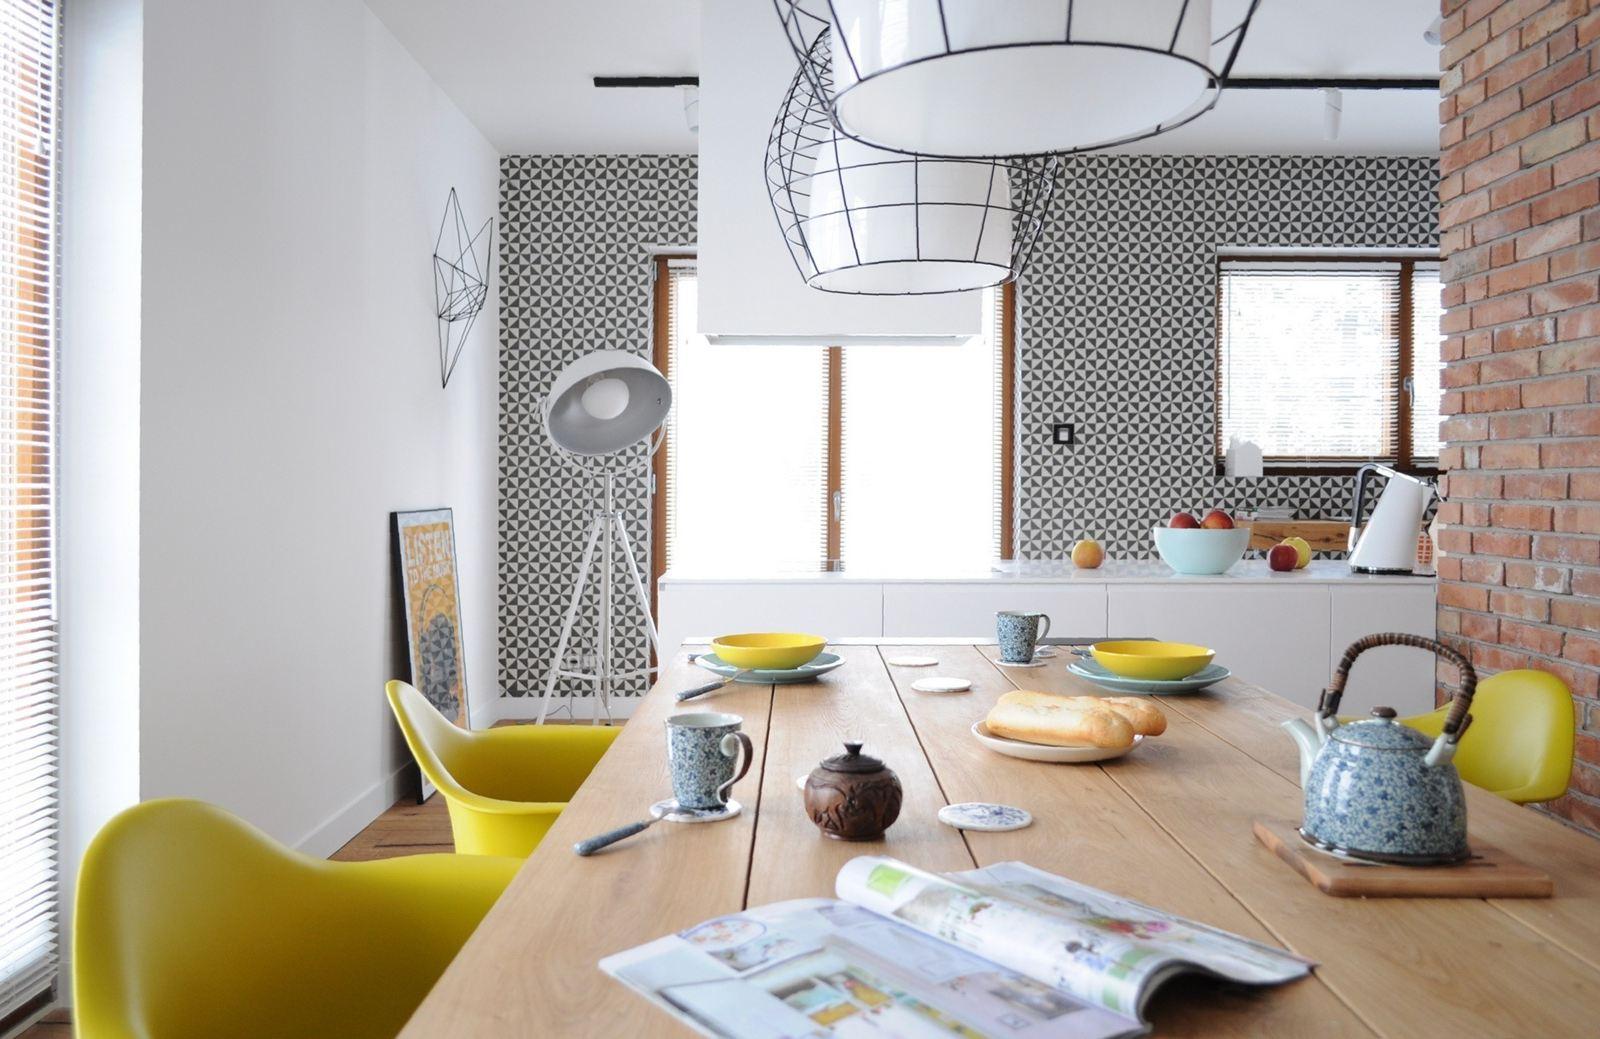 Moderno Ed Eclettico Attraverso Accenti Di Colore E Motivi Geometrici #A59526 1600 1039 Sala Da Pranzo E Cucina